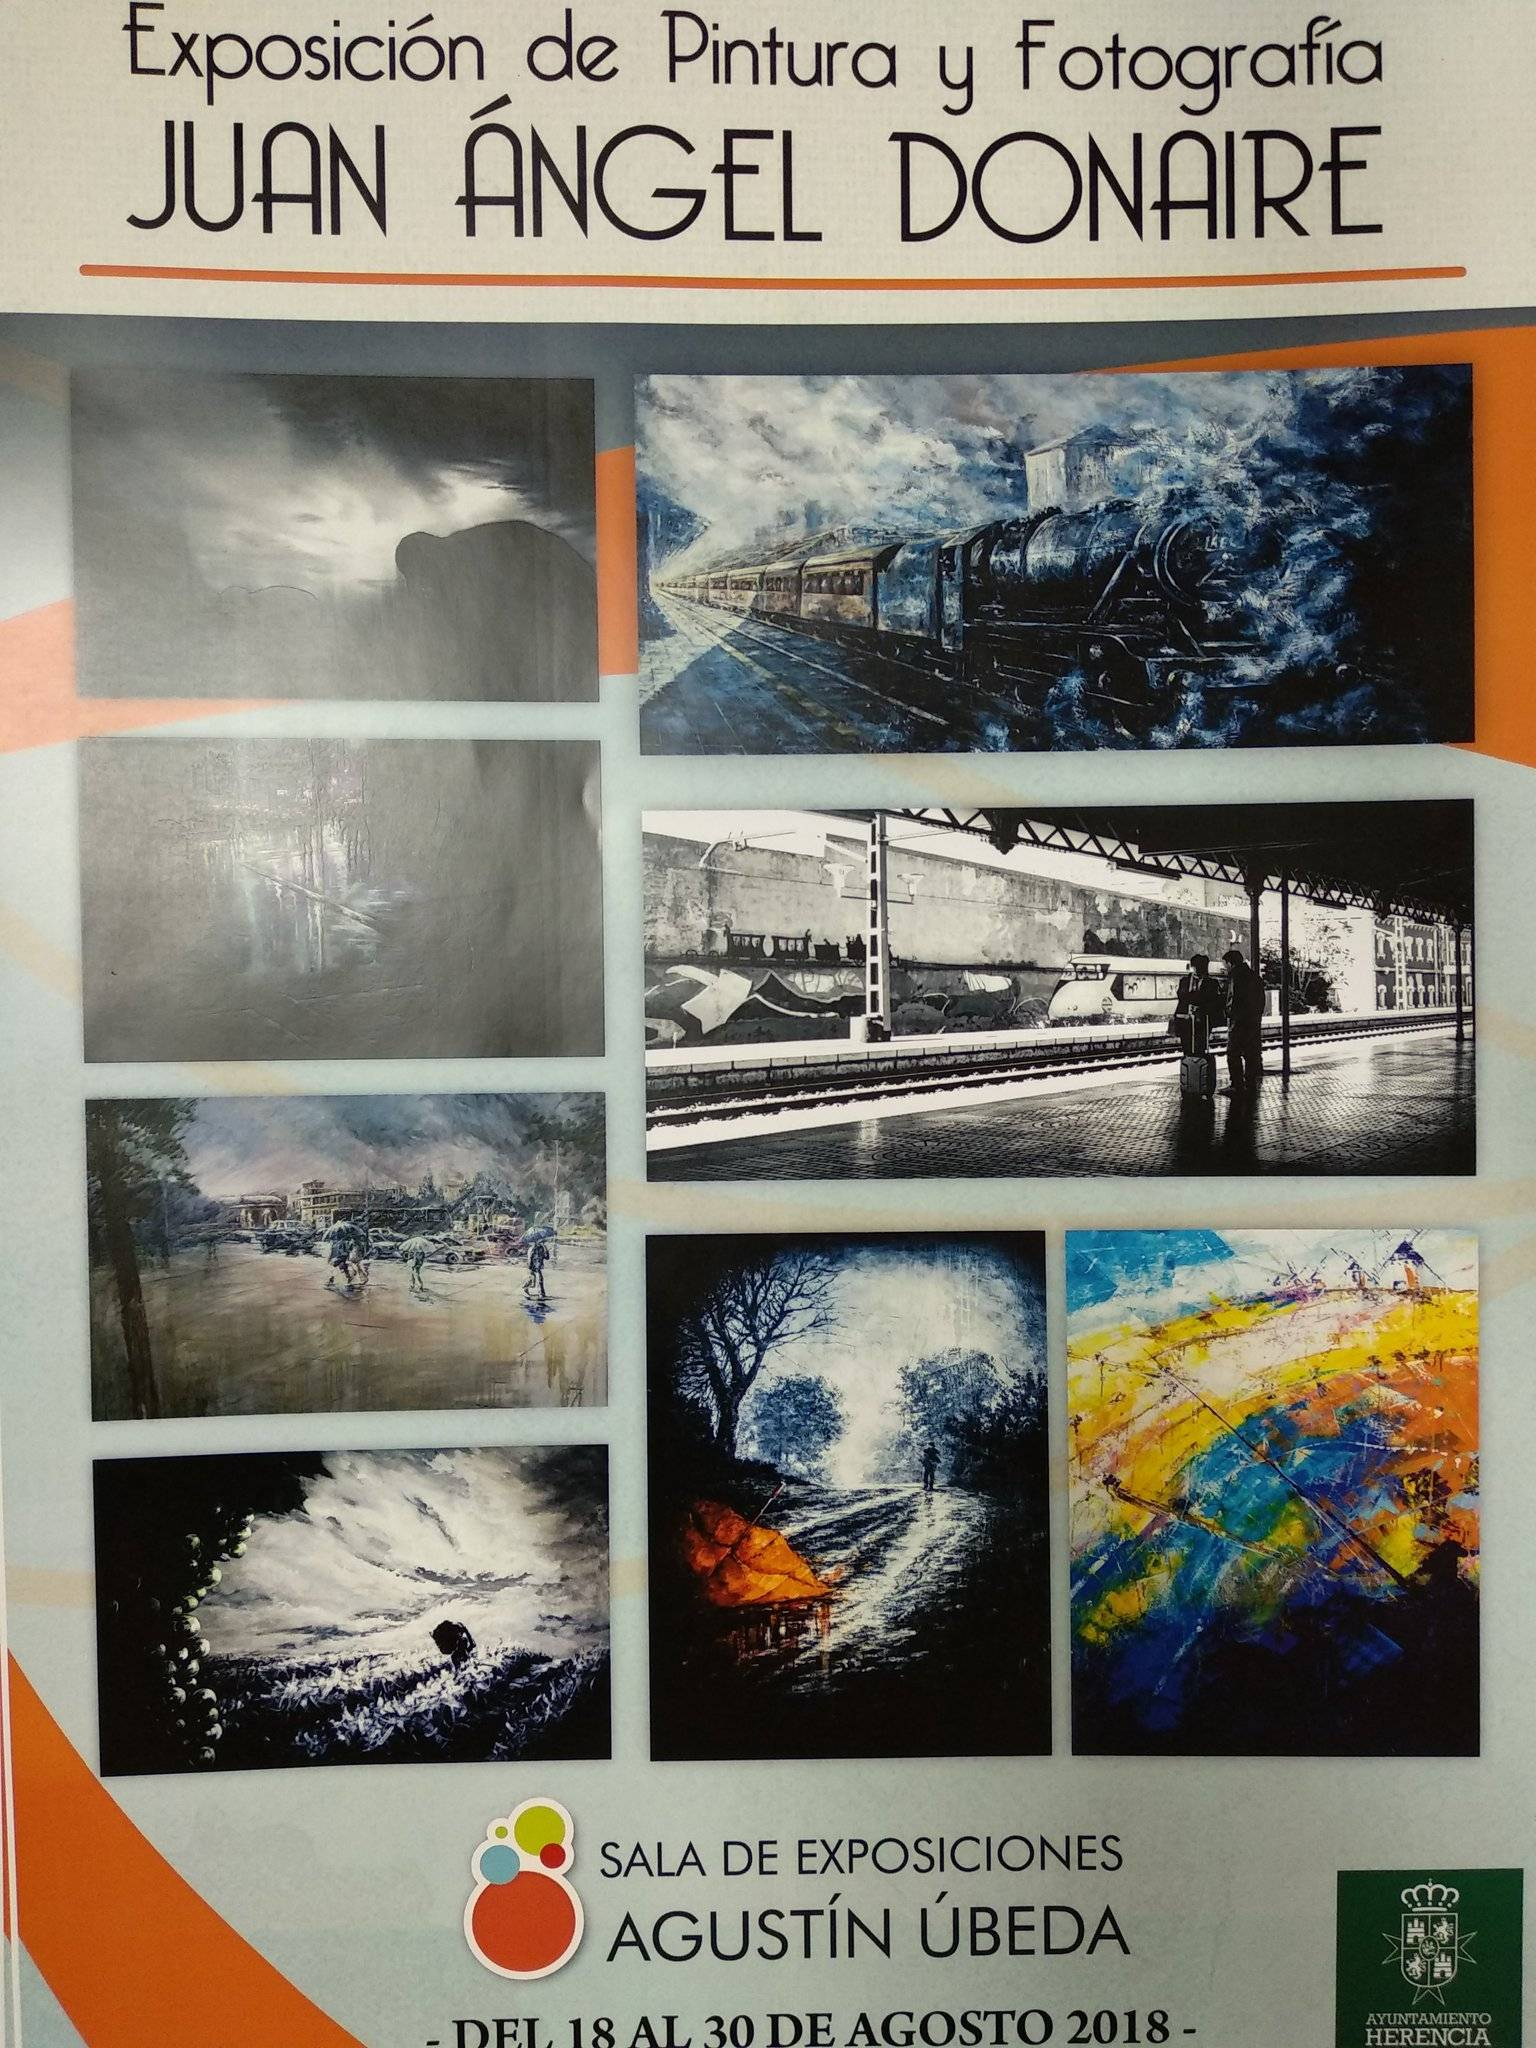 El artista Juan Ángel Donaire expone fotografía y pintura en Herencia 3